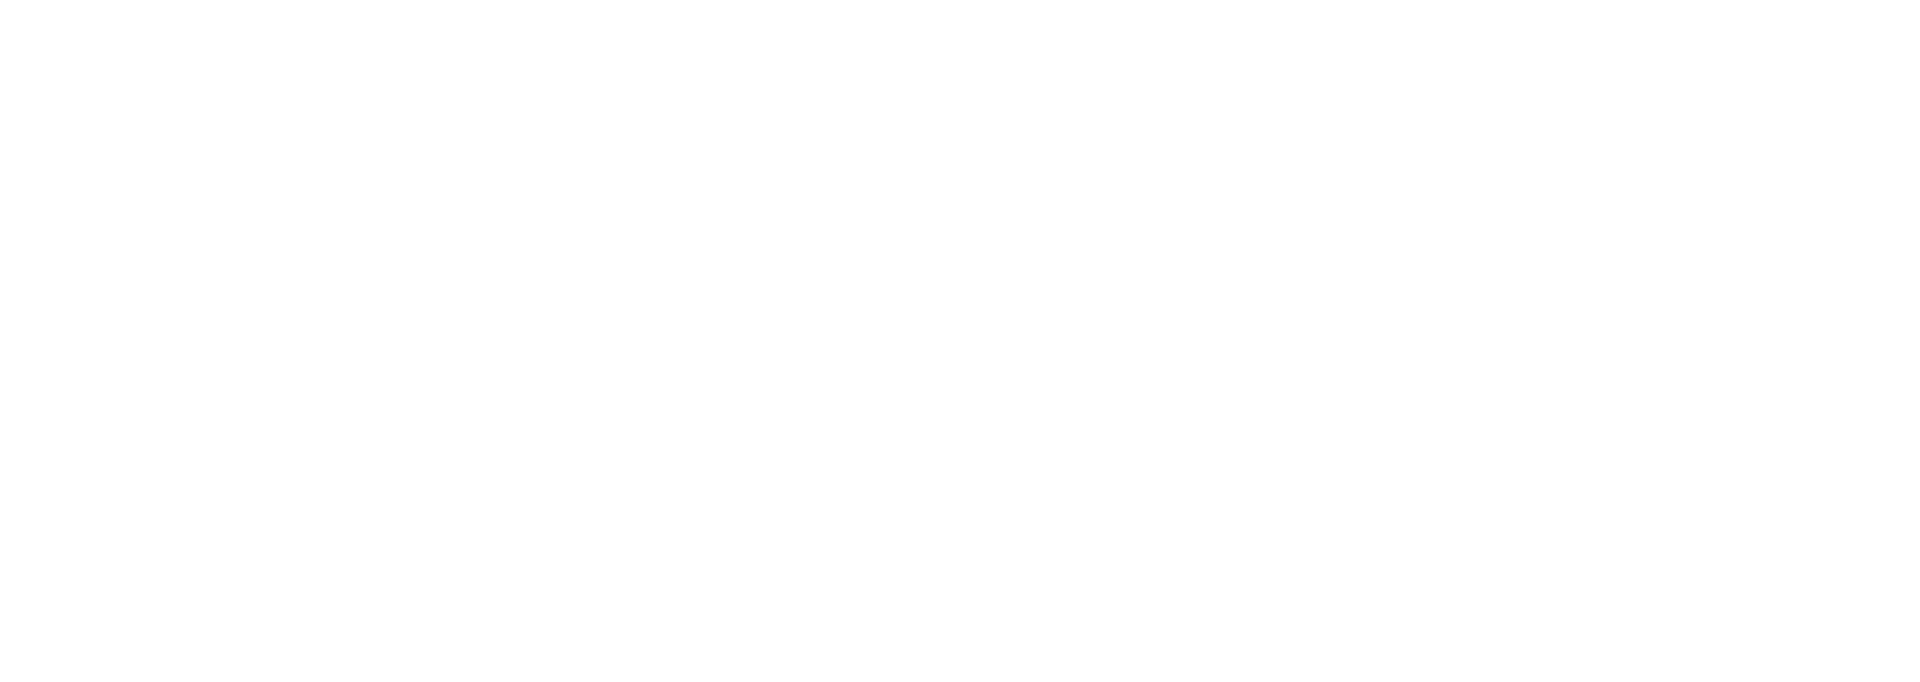 2º Estudio de Emociones en el sector Seguros de Salud en España